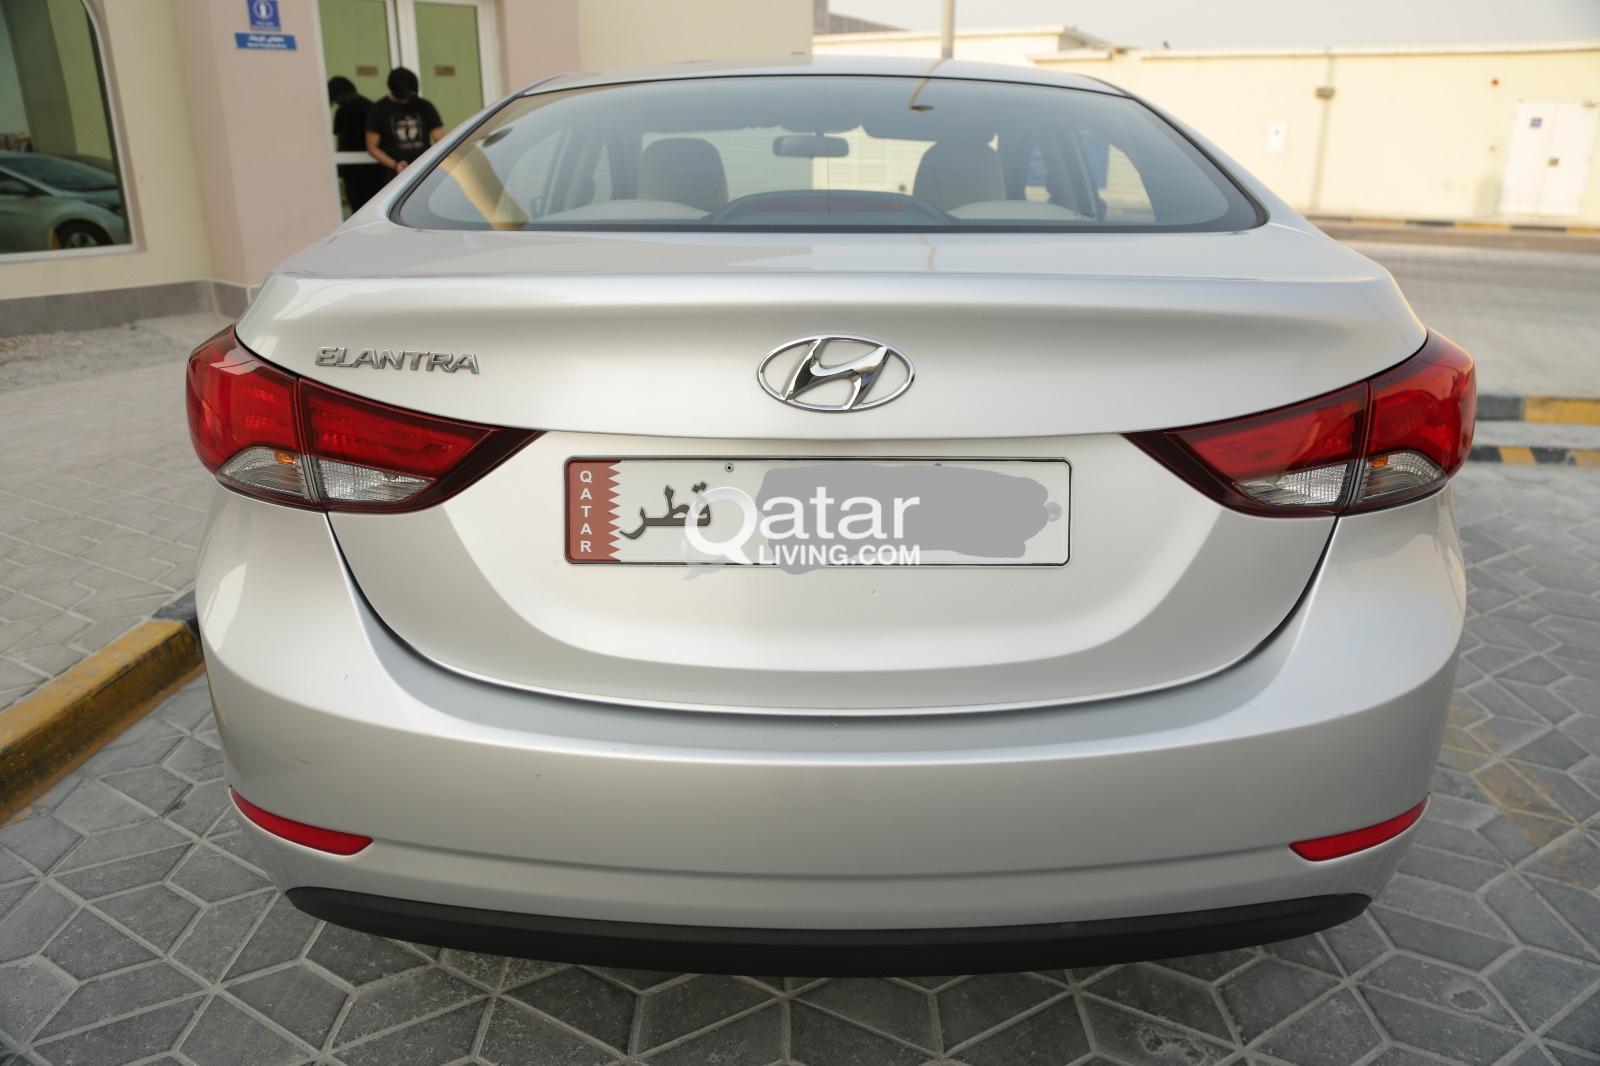 and elantra car original price photo driver s news review reviews automatic hyundai sport photos official info